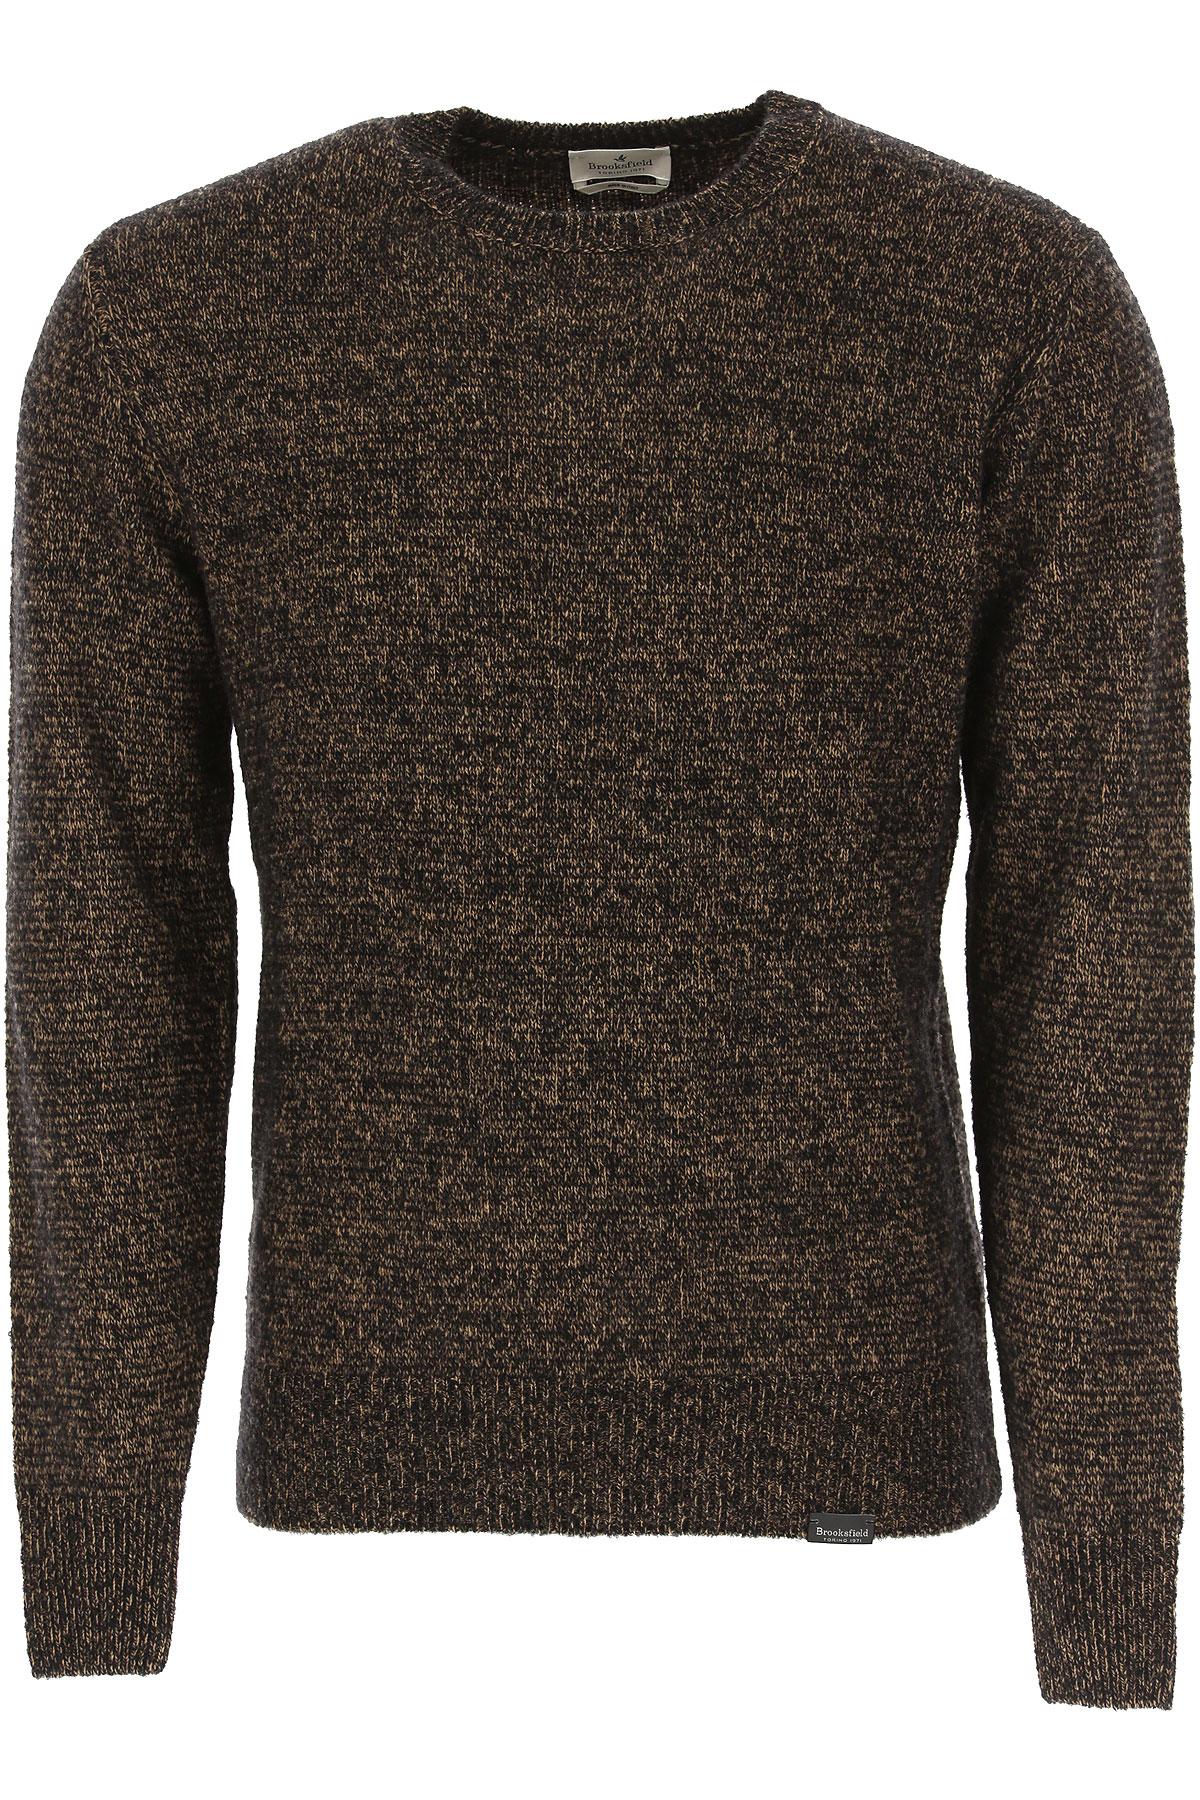 Brooksfield Sweater for Men Jumper On Sale, Bark, Virgin wool, 2019, L M XL XXL XXXL